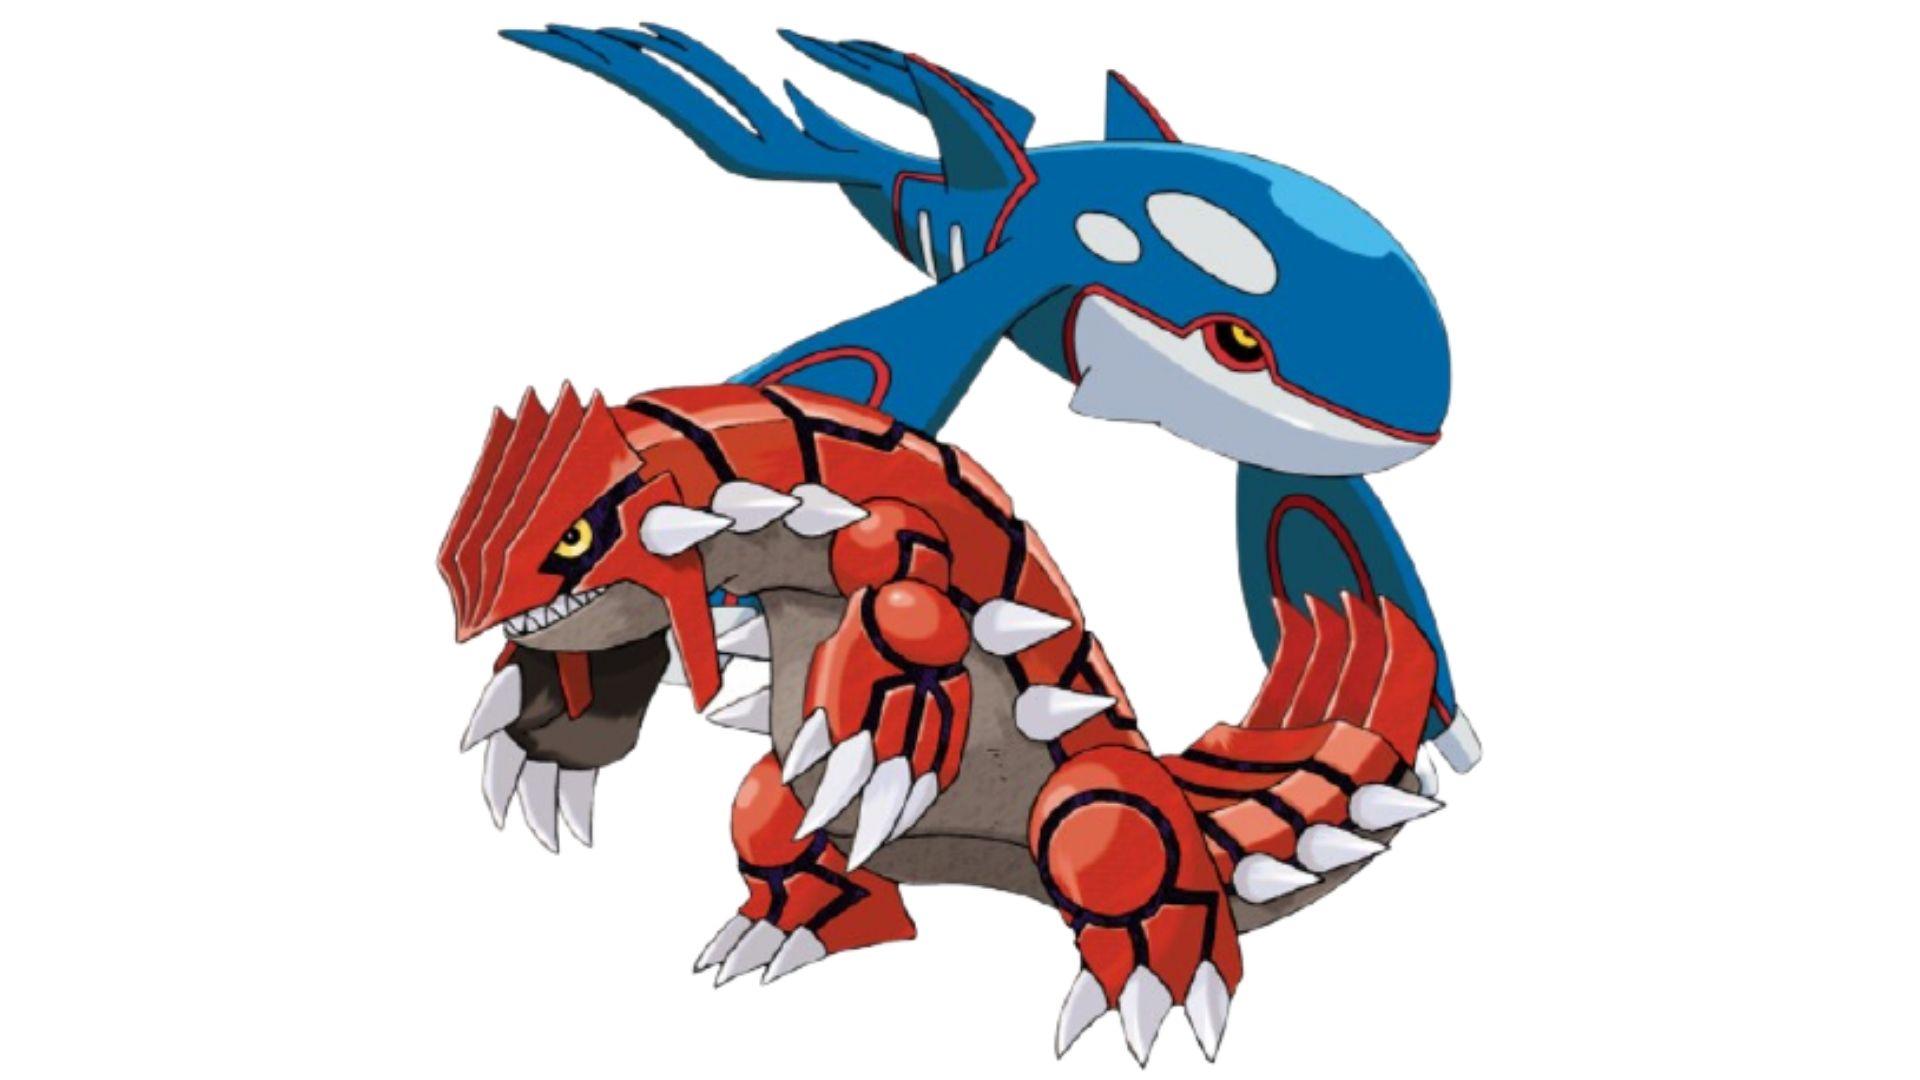 Groudon e Kyogre são os pokémons mais fortes da terceira geração, abaixo apenas do Rayquaza (Foto: Divulgação/Pokémon)